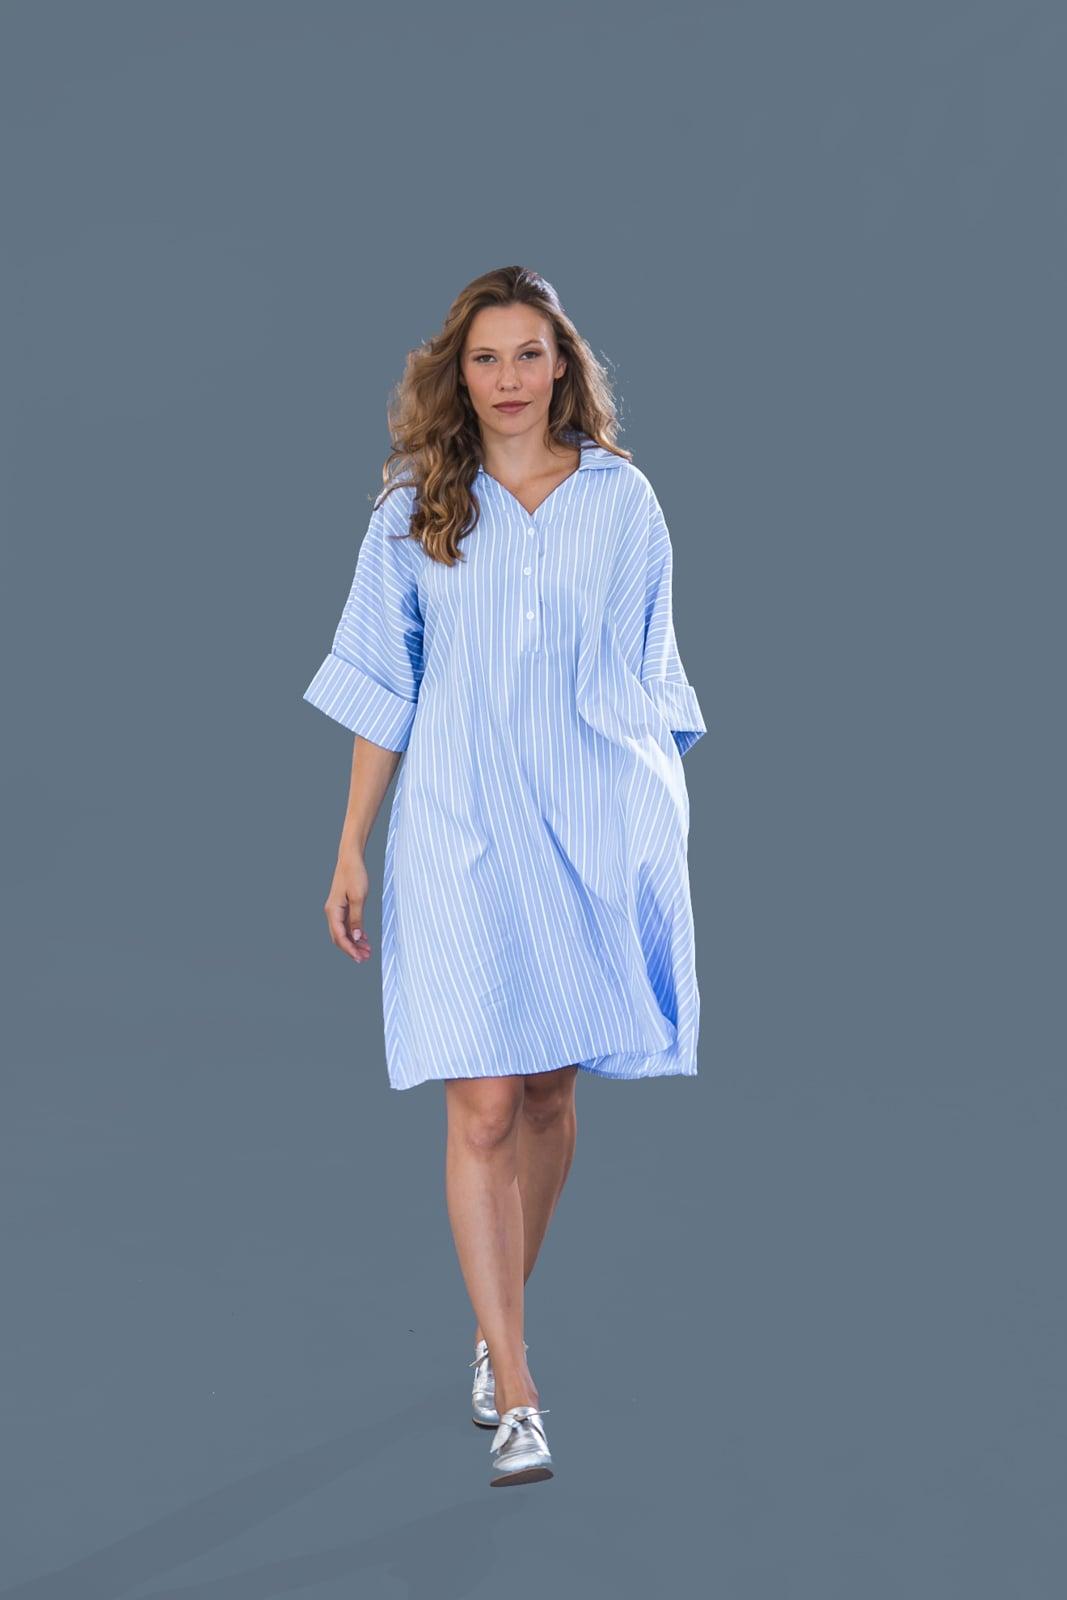 שמלת קימונו תכלת עם פסים.